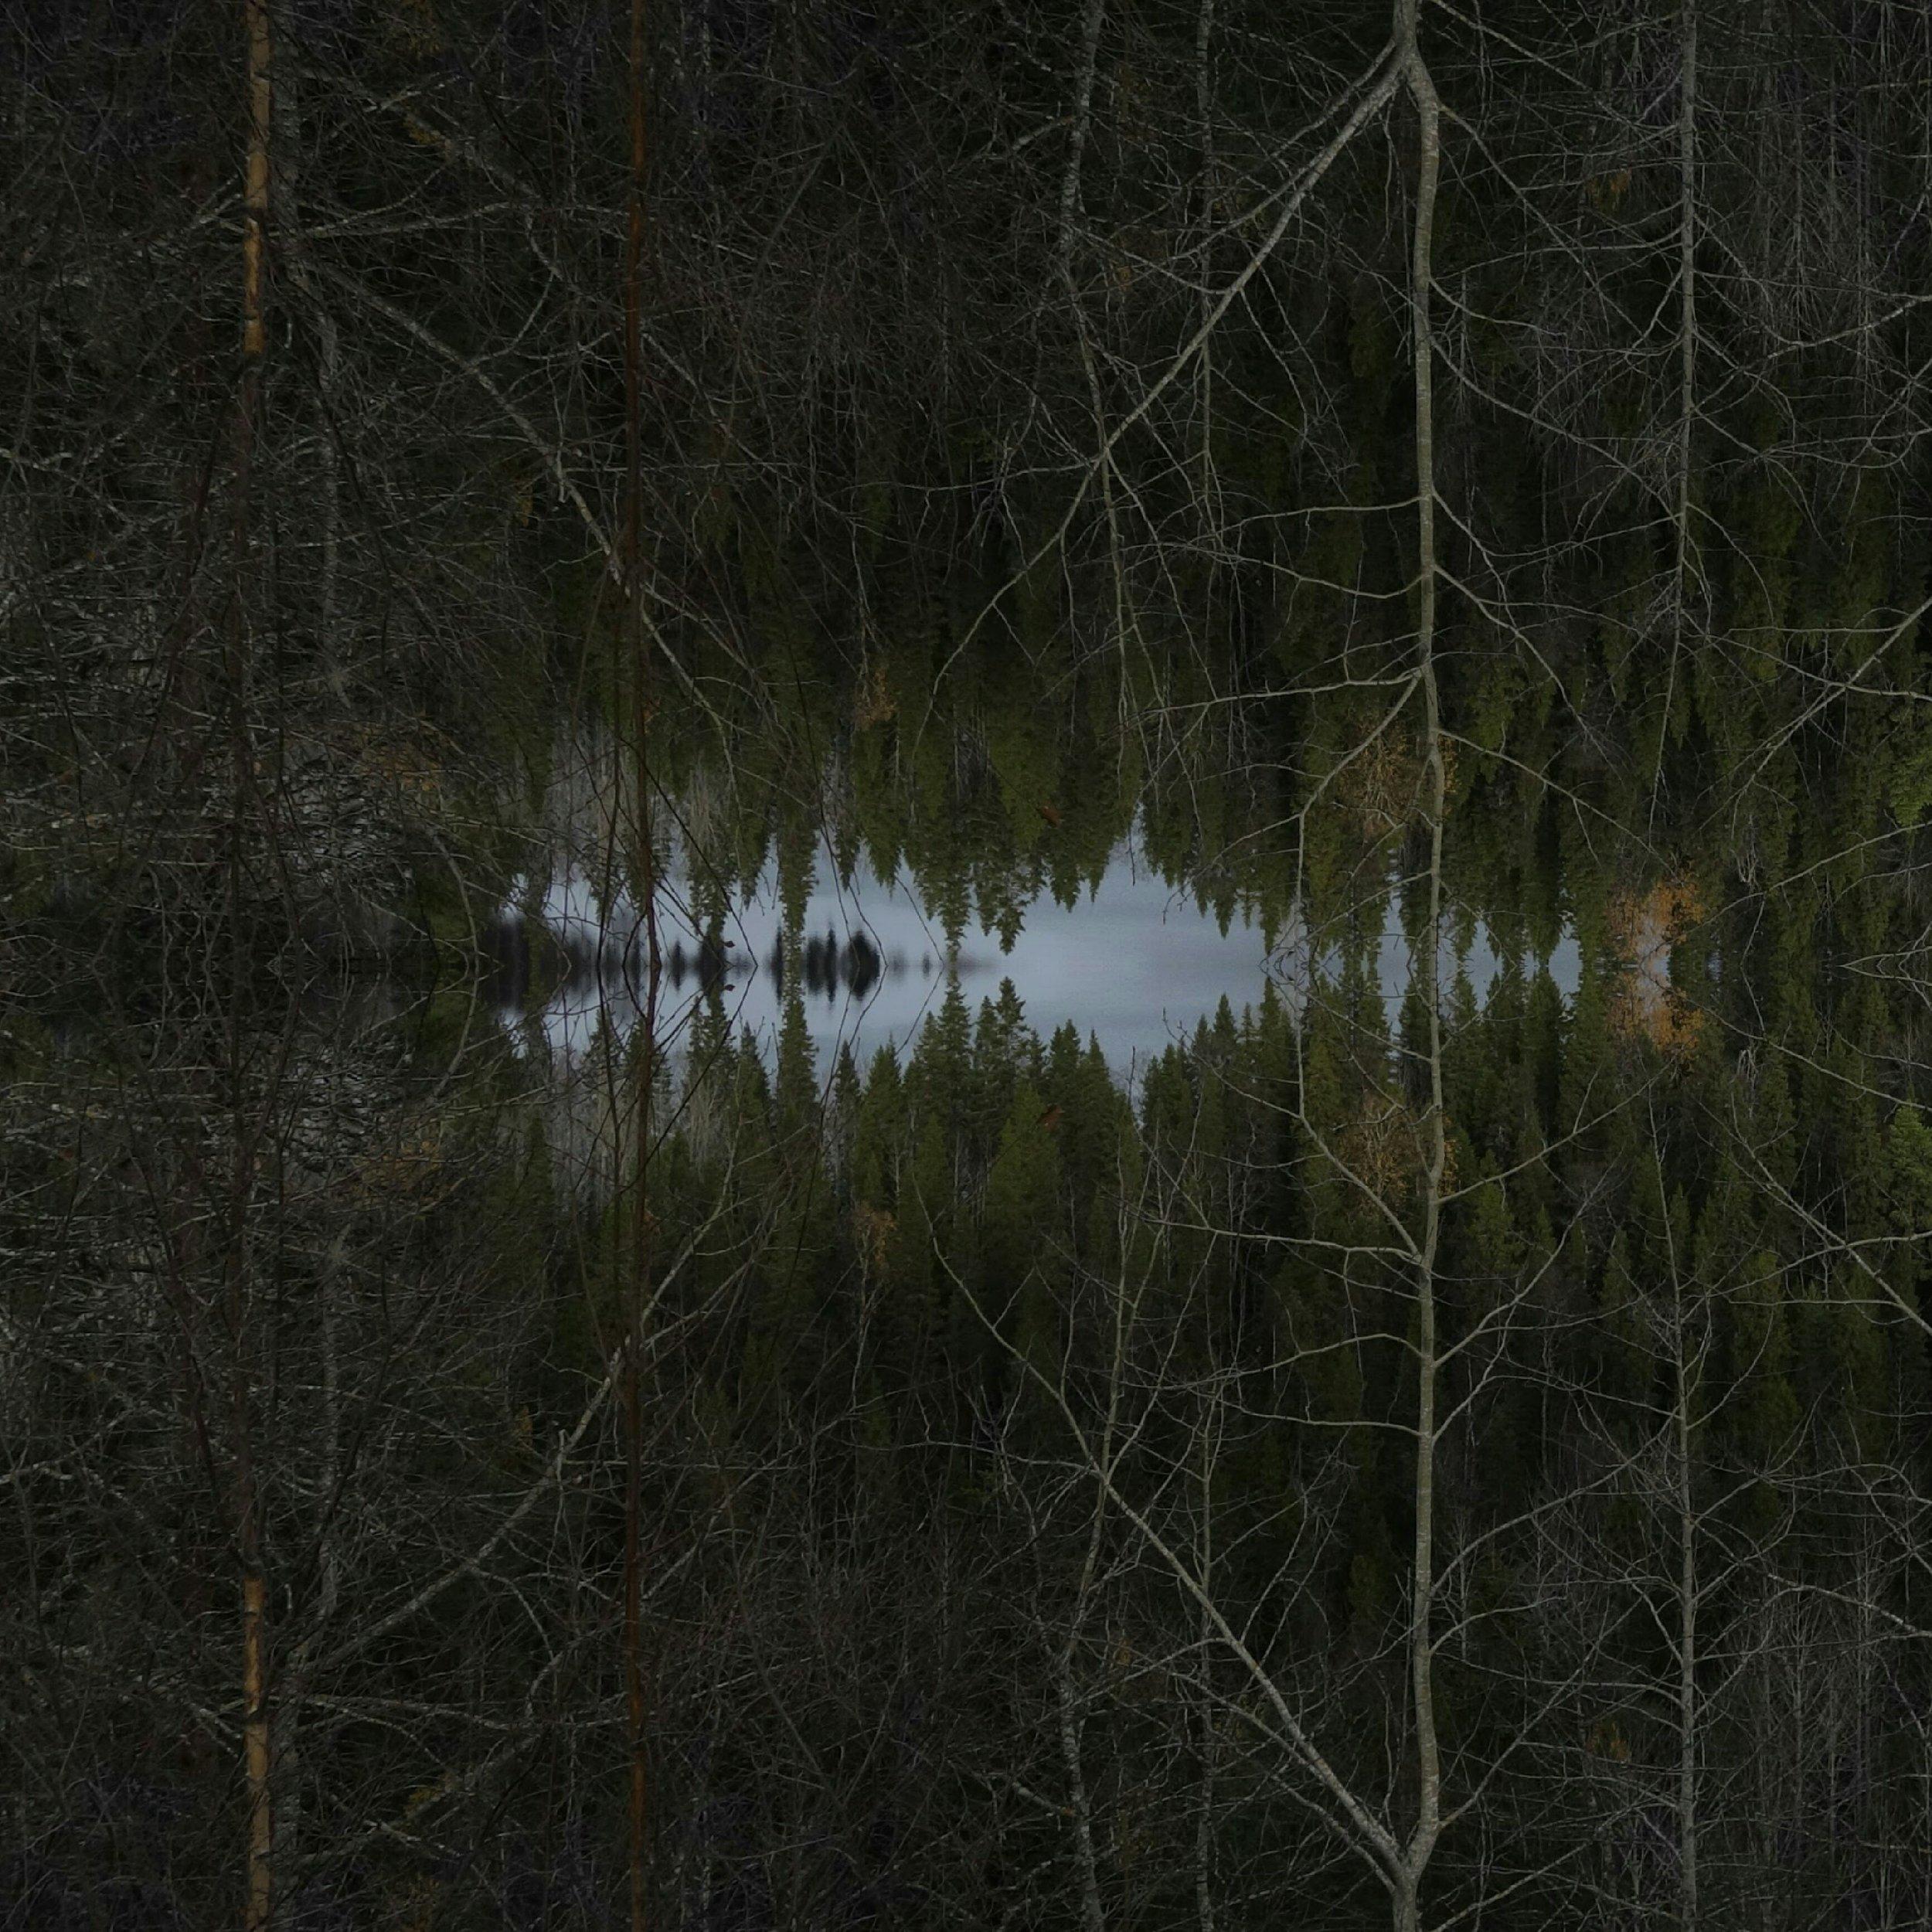 703096134_mirror.jpg